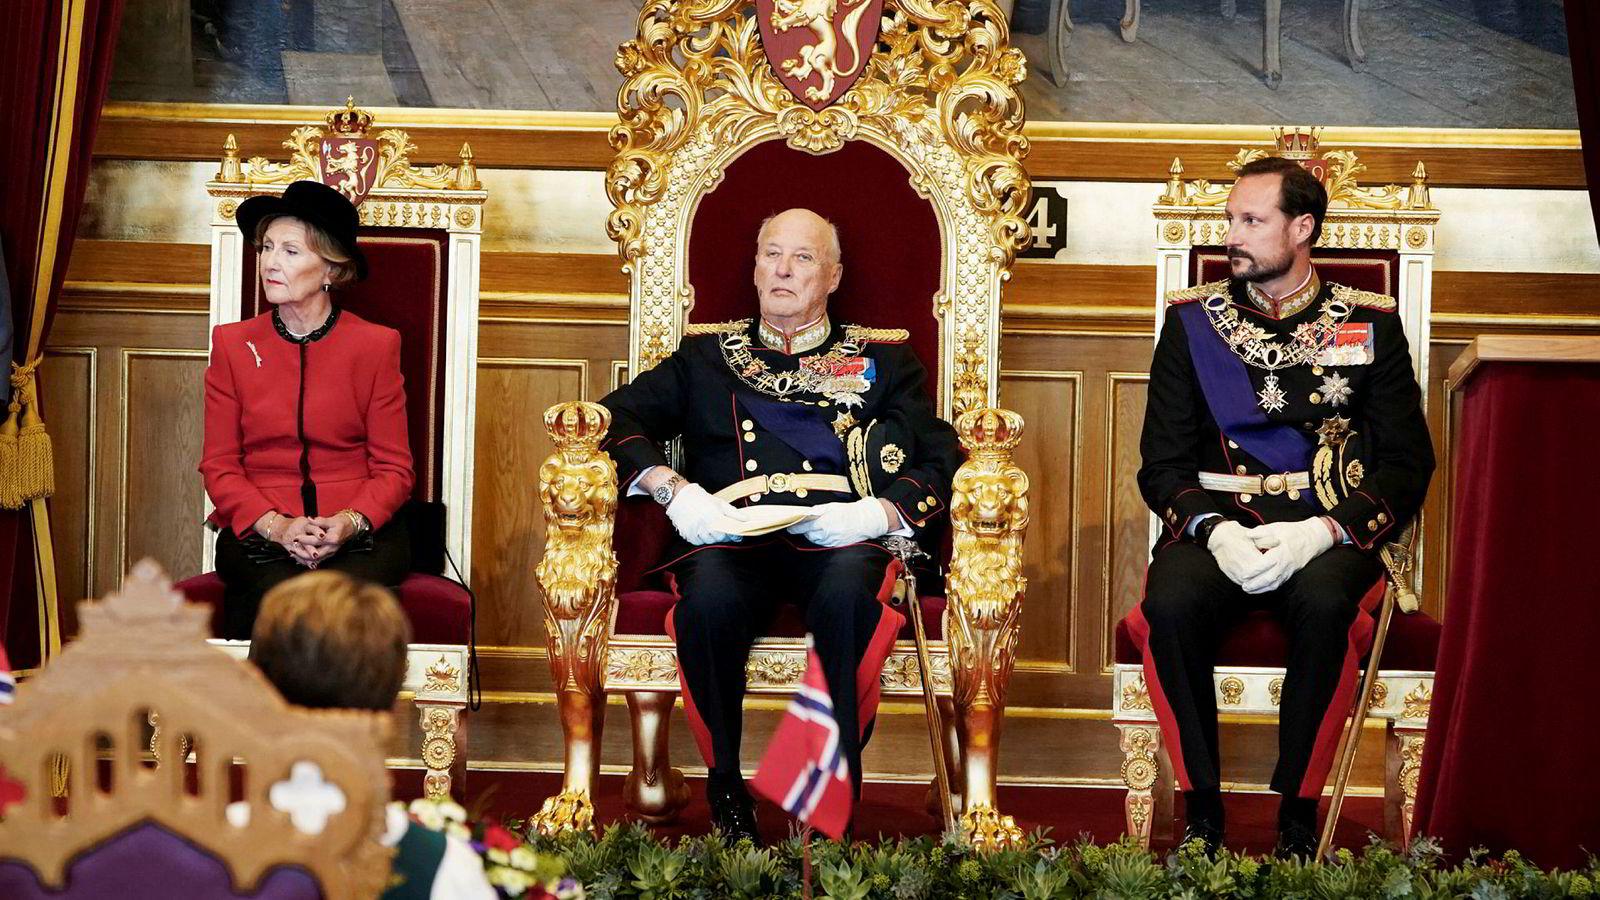 Kong Harald åpnet det 164. Storting. Med var også dronning Sonja og kronprins Haakon. Men hva skjedde ved frokostbordet på slottet noen timer tidligere?